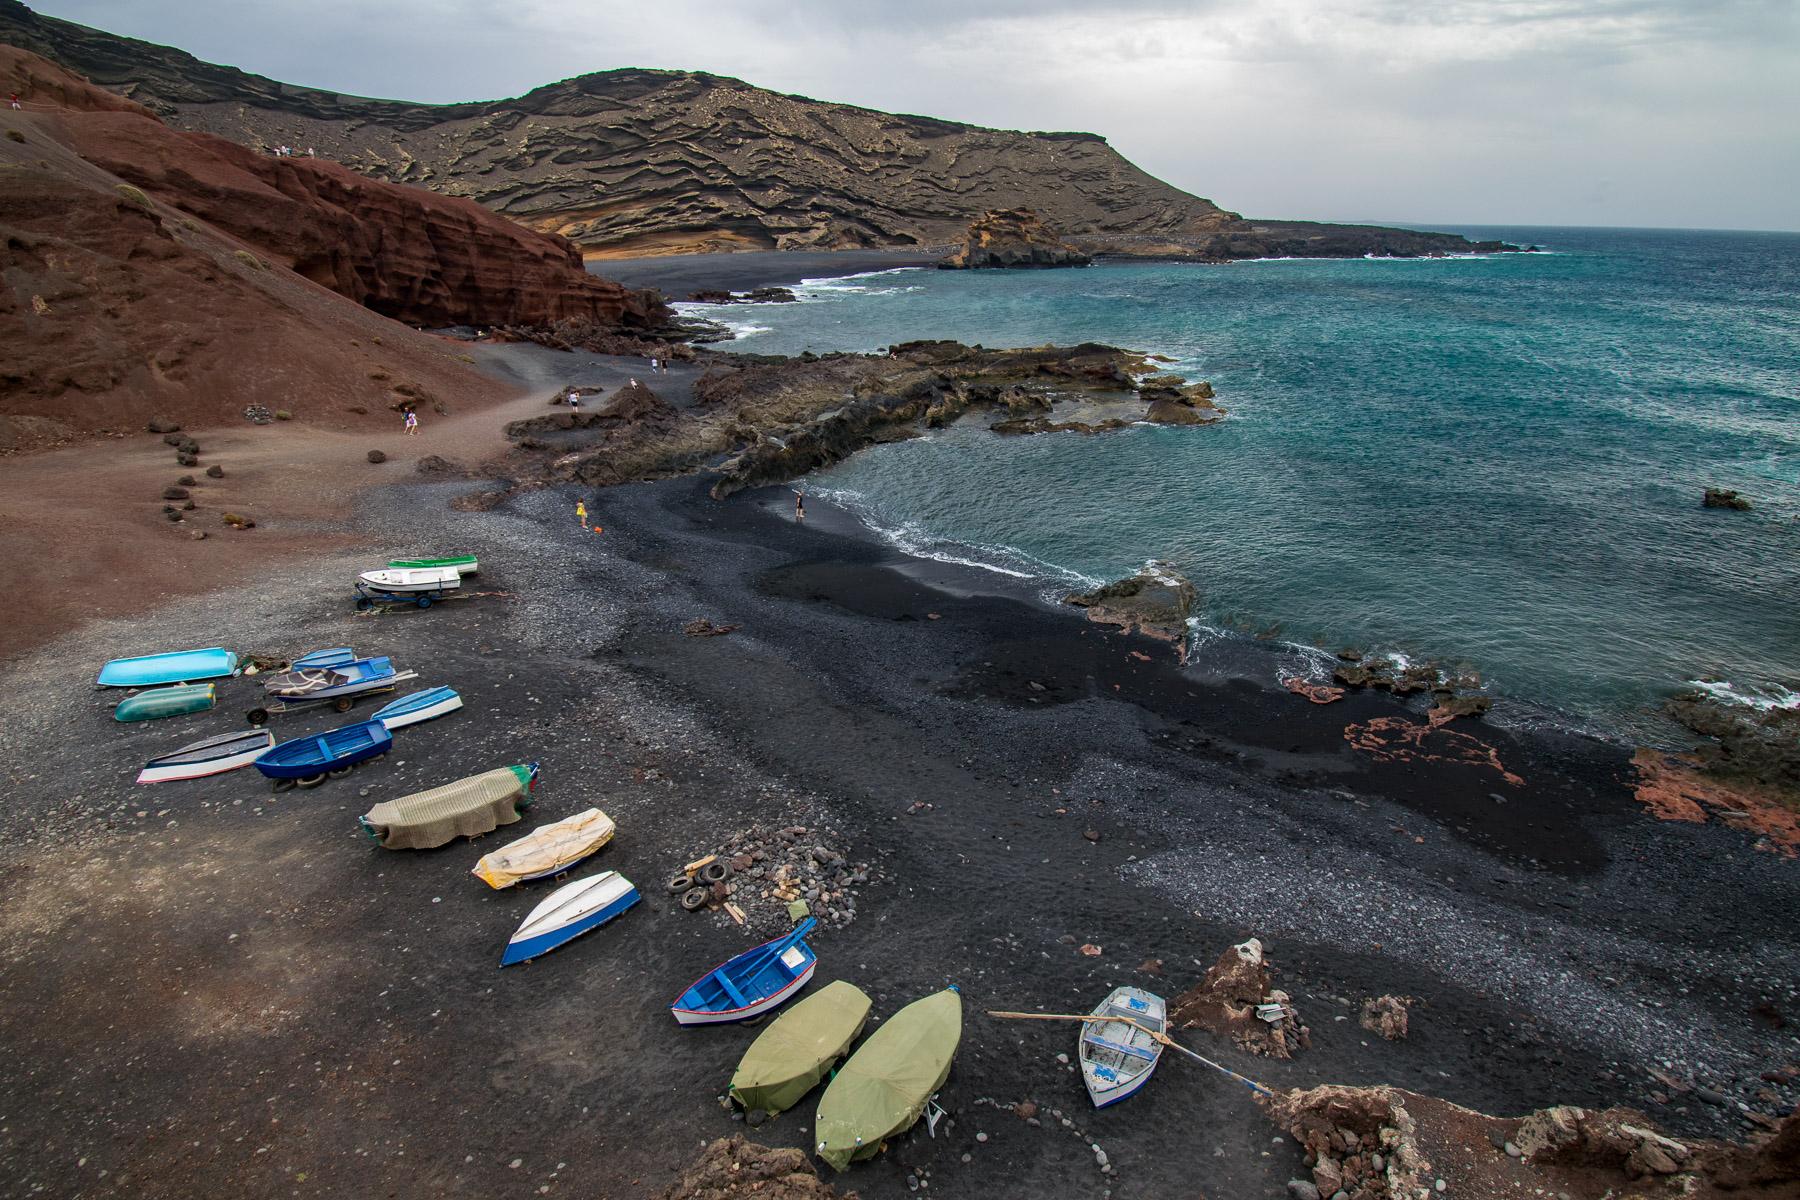 Objevuji Kanárské ostrovy – den čtvrtý: Lanzarote